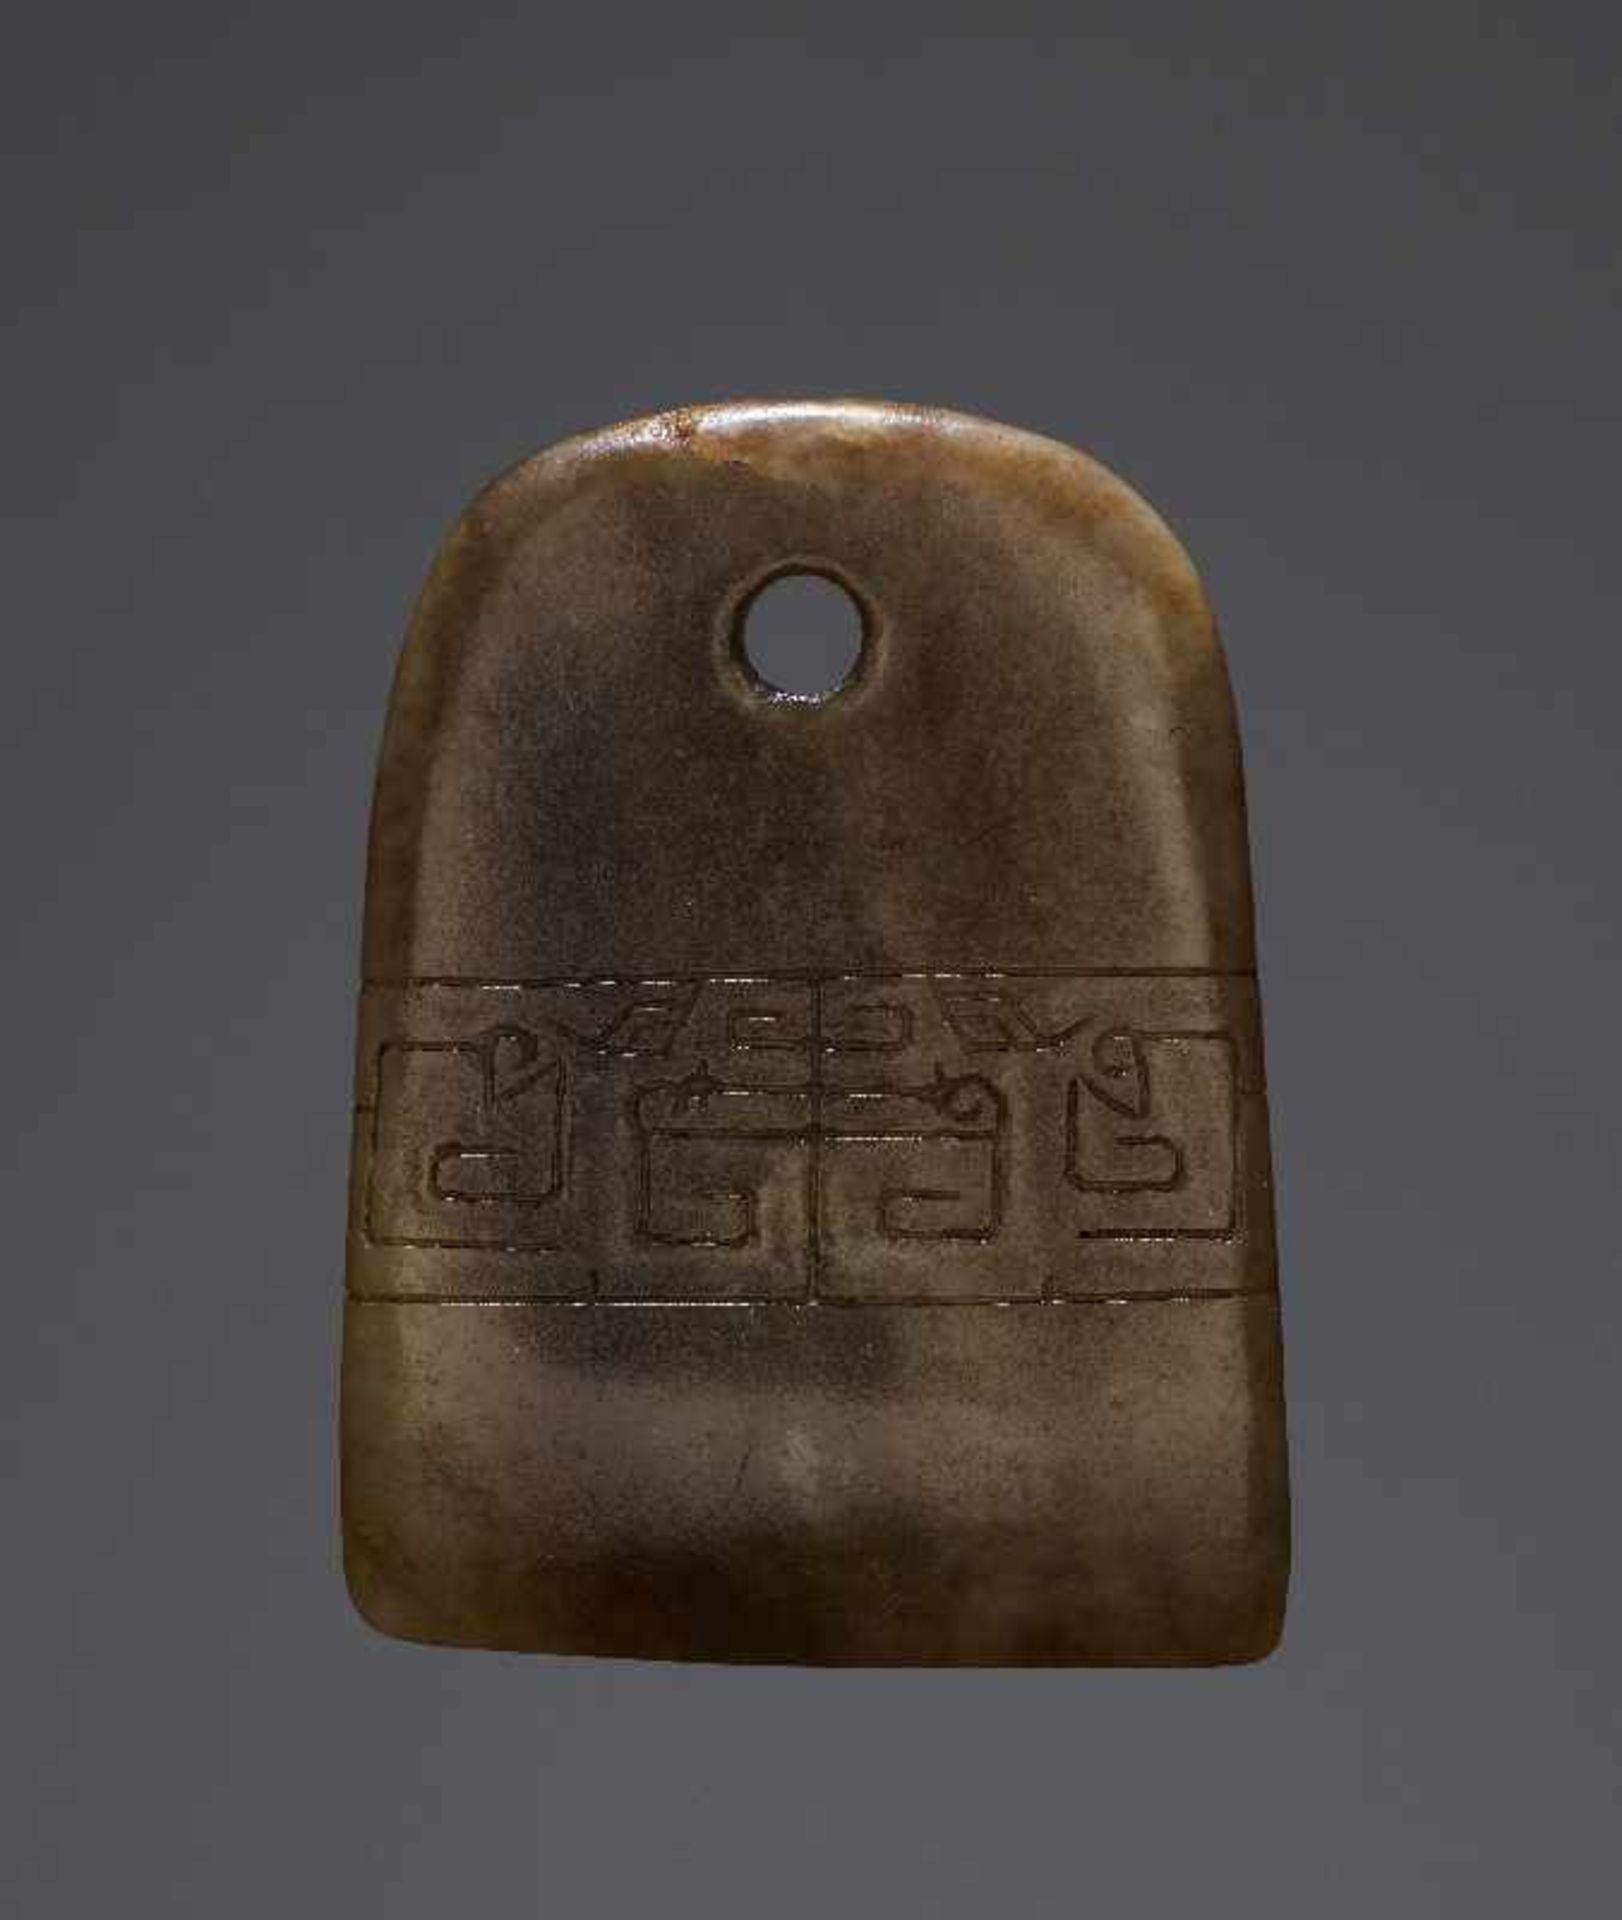 KONVOLUT MIT EINER BI UND DREI AMULETTENJade. China, späte Qing-Dynastie, 19. Jh. 75a: BI Jade. - Image 7 of 17